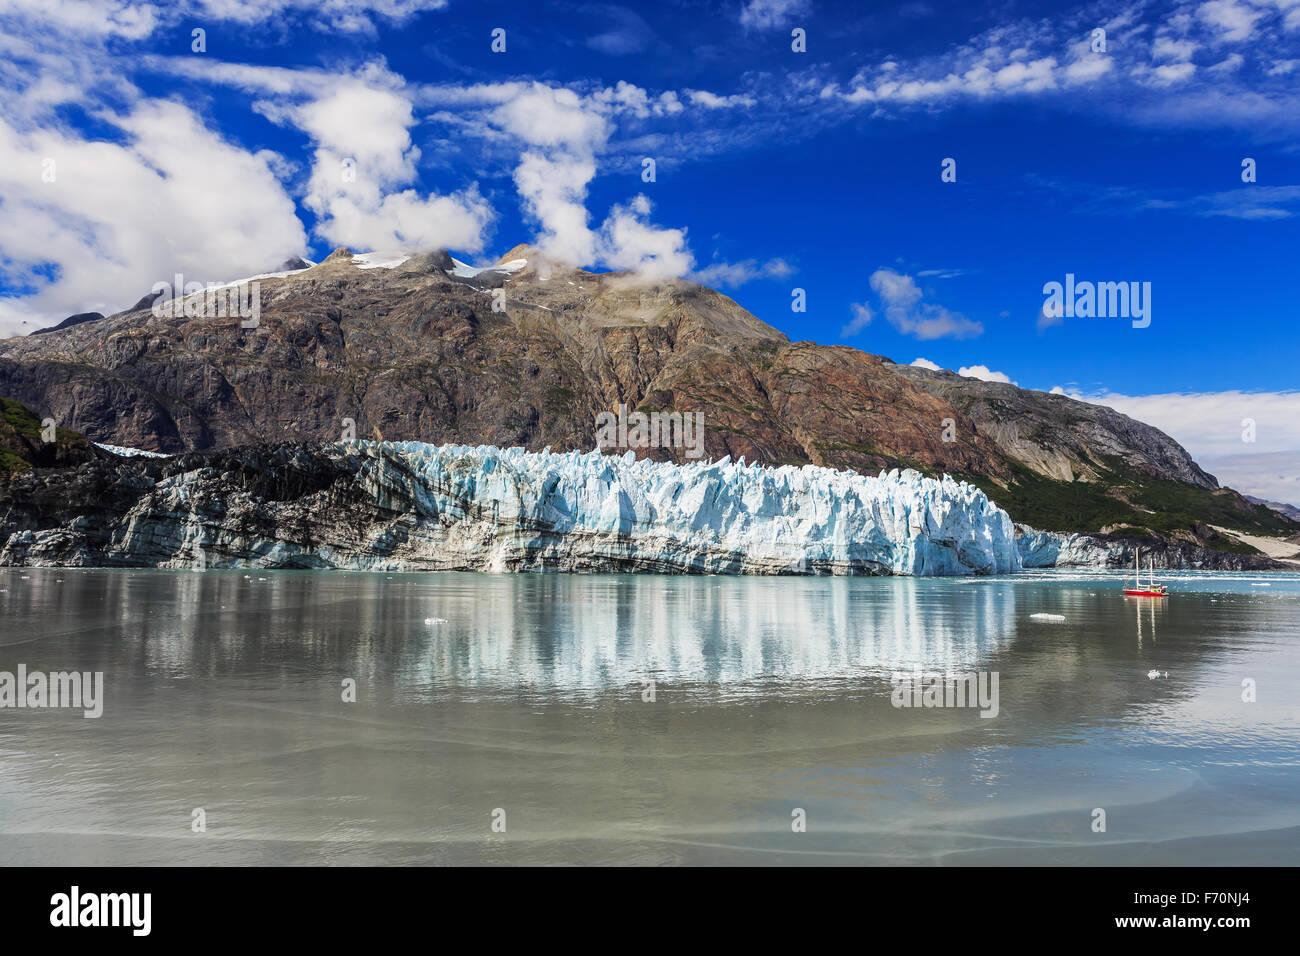 Margerie Glacier in Glacier Bay National Park, Alaska - Stock Image